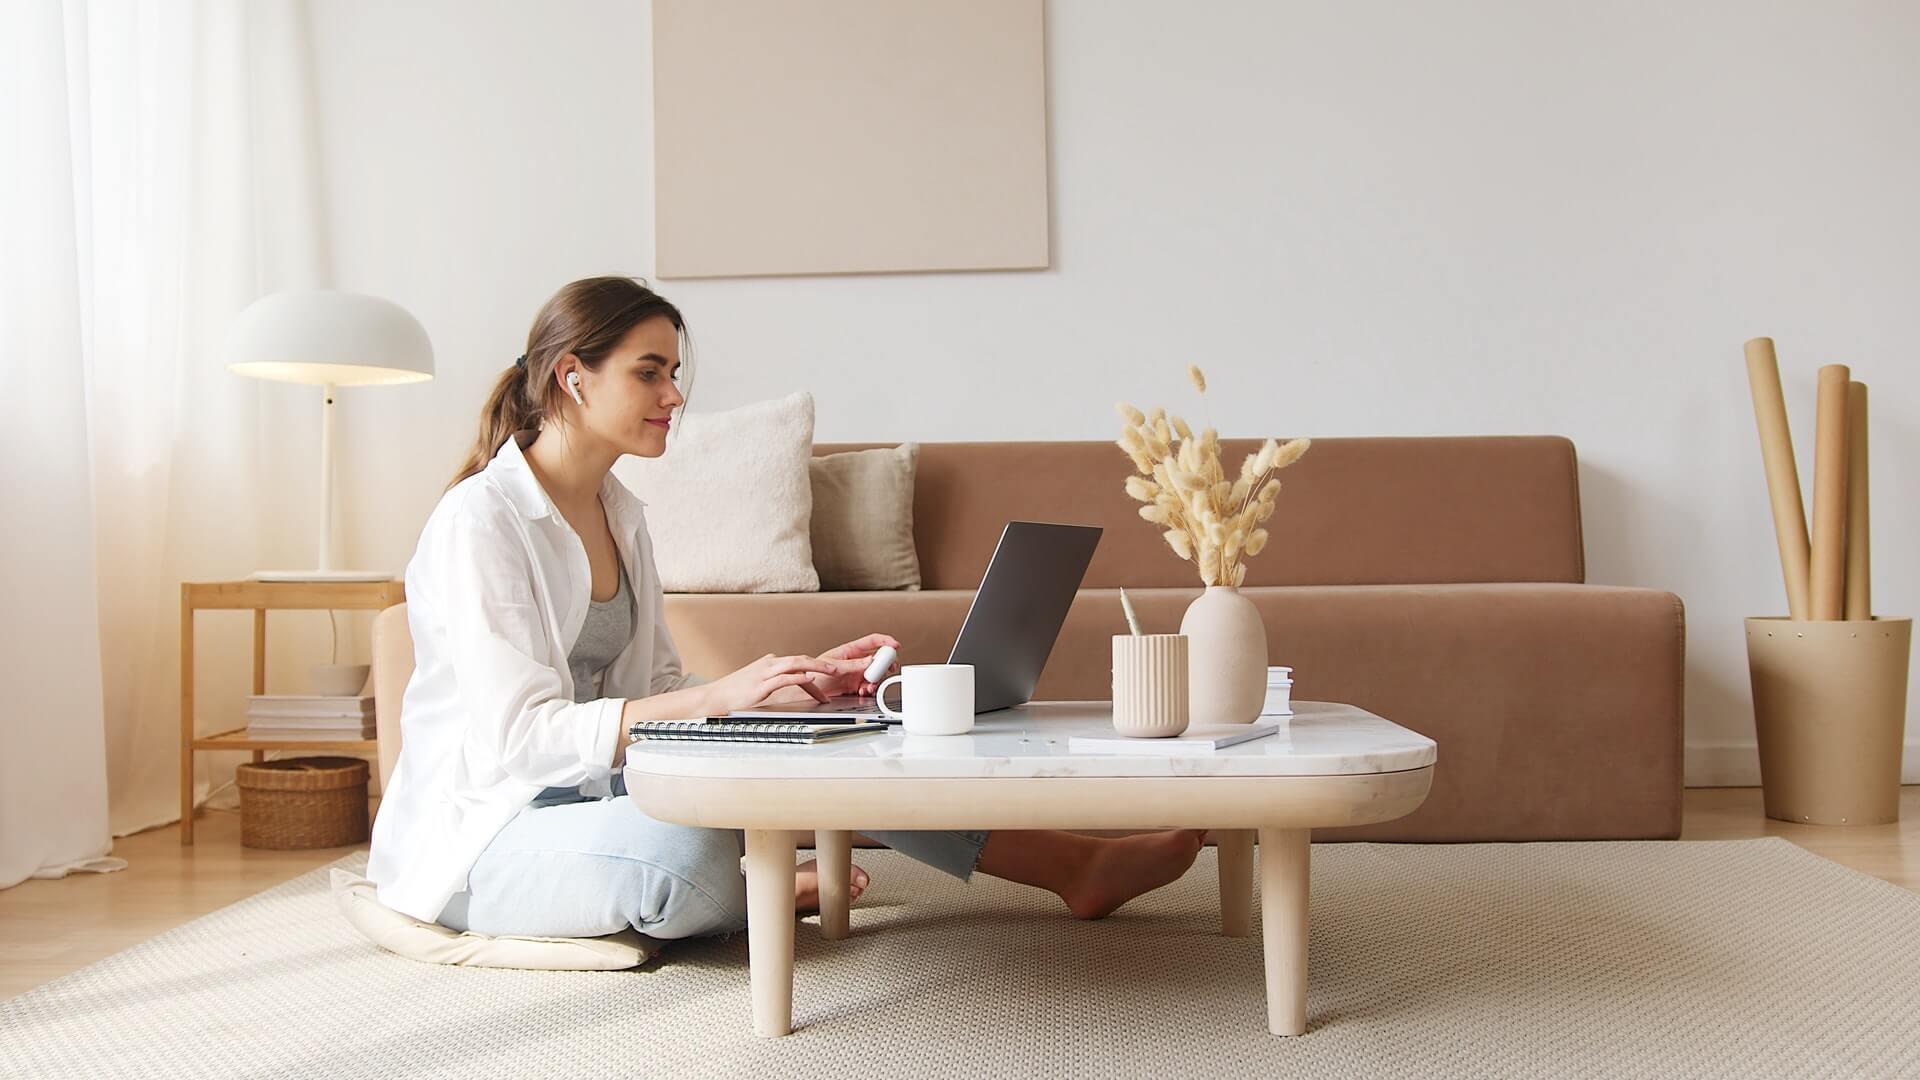 Vemos uma mulher sentada na sala de casa enquanto tem aulas on-line na frente de computador (imagem ilustrativa). Texto: franquia de educação qualifica cursos.